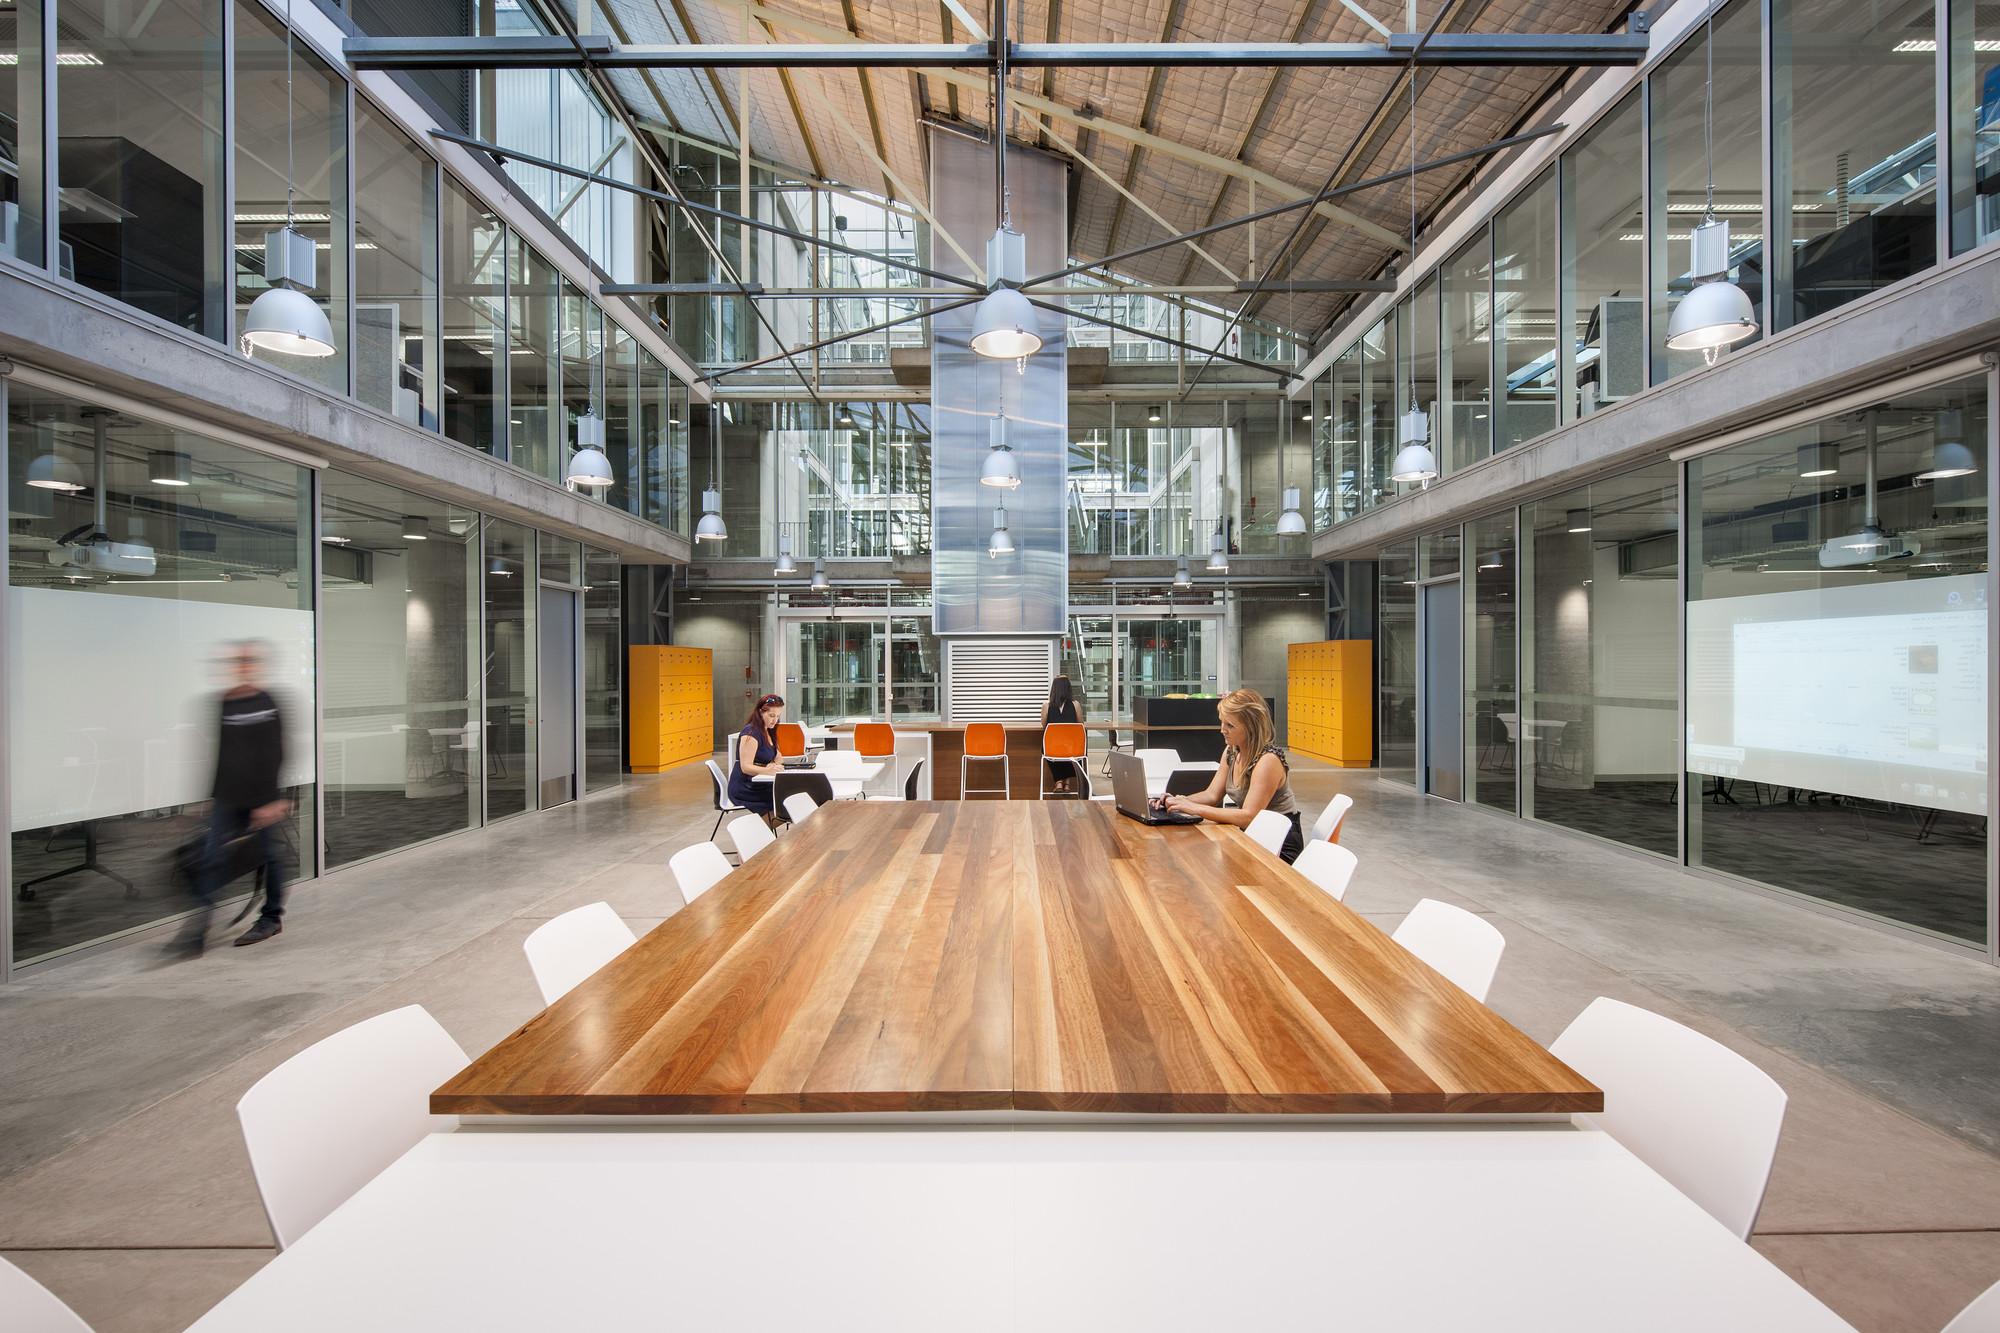 LO MEJOR en reciclaje creativo de espacios: Centro educativo  de industrias sustentables  - Tonsley Tafe; Adelaide, Australia / MPH Architects. Imágen cortesía de INSIDE